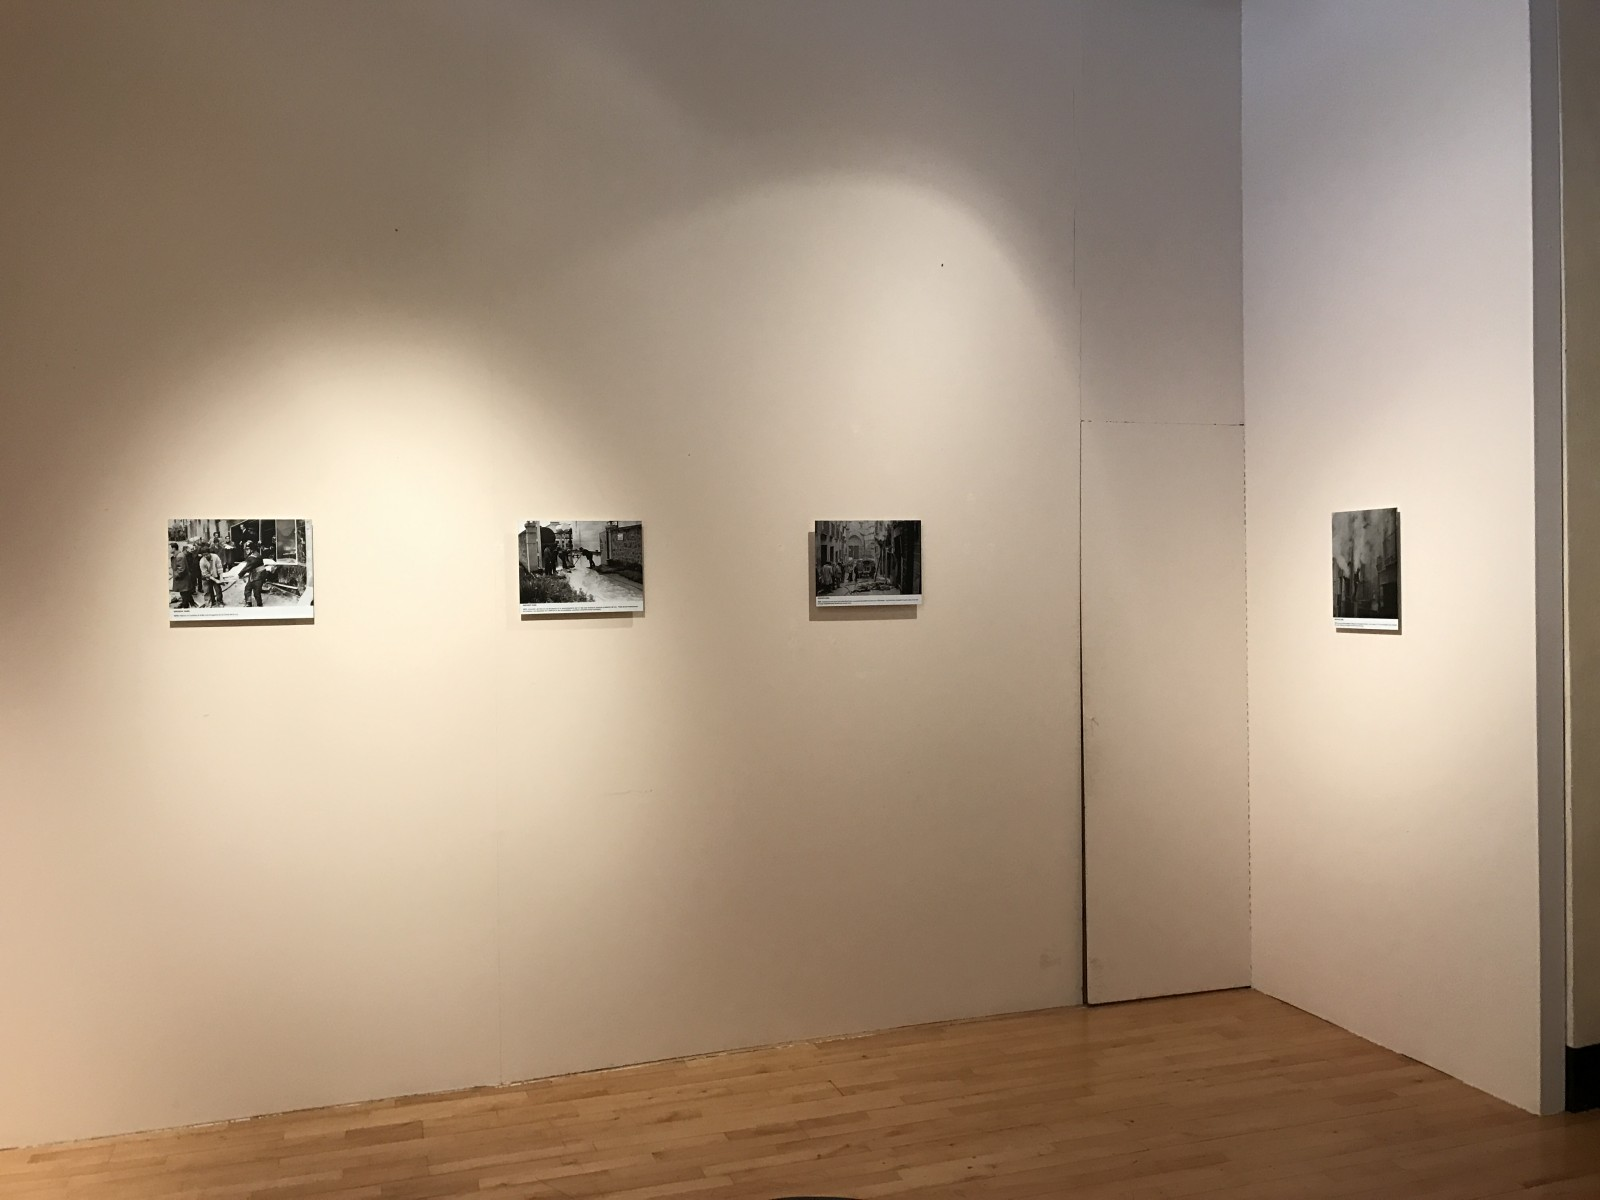 Montaje exposición 153 años Bomberos de Toledo30 años Pablo Carrasco (39)